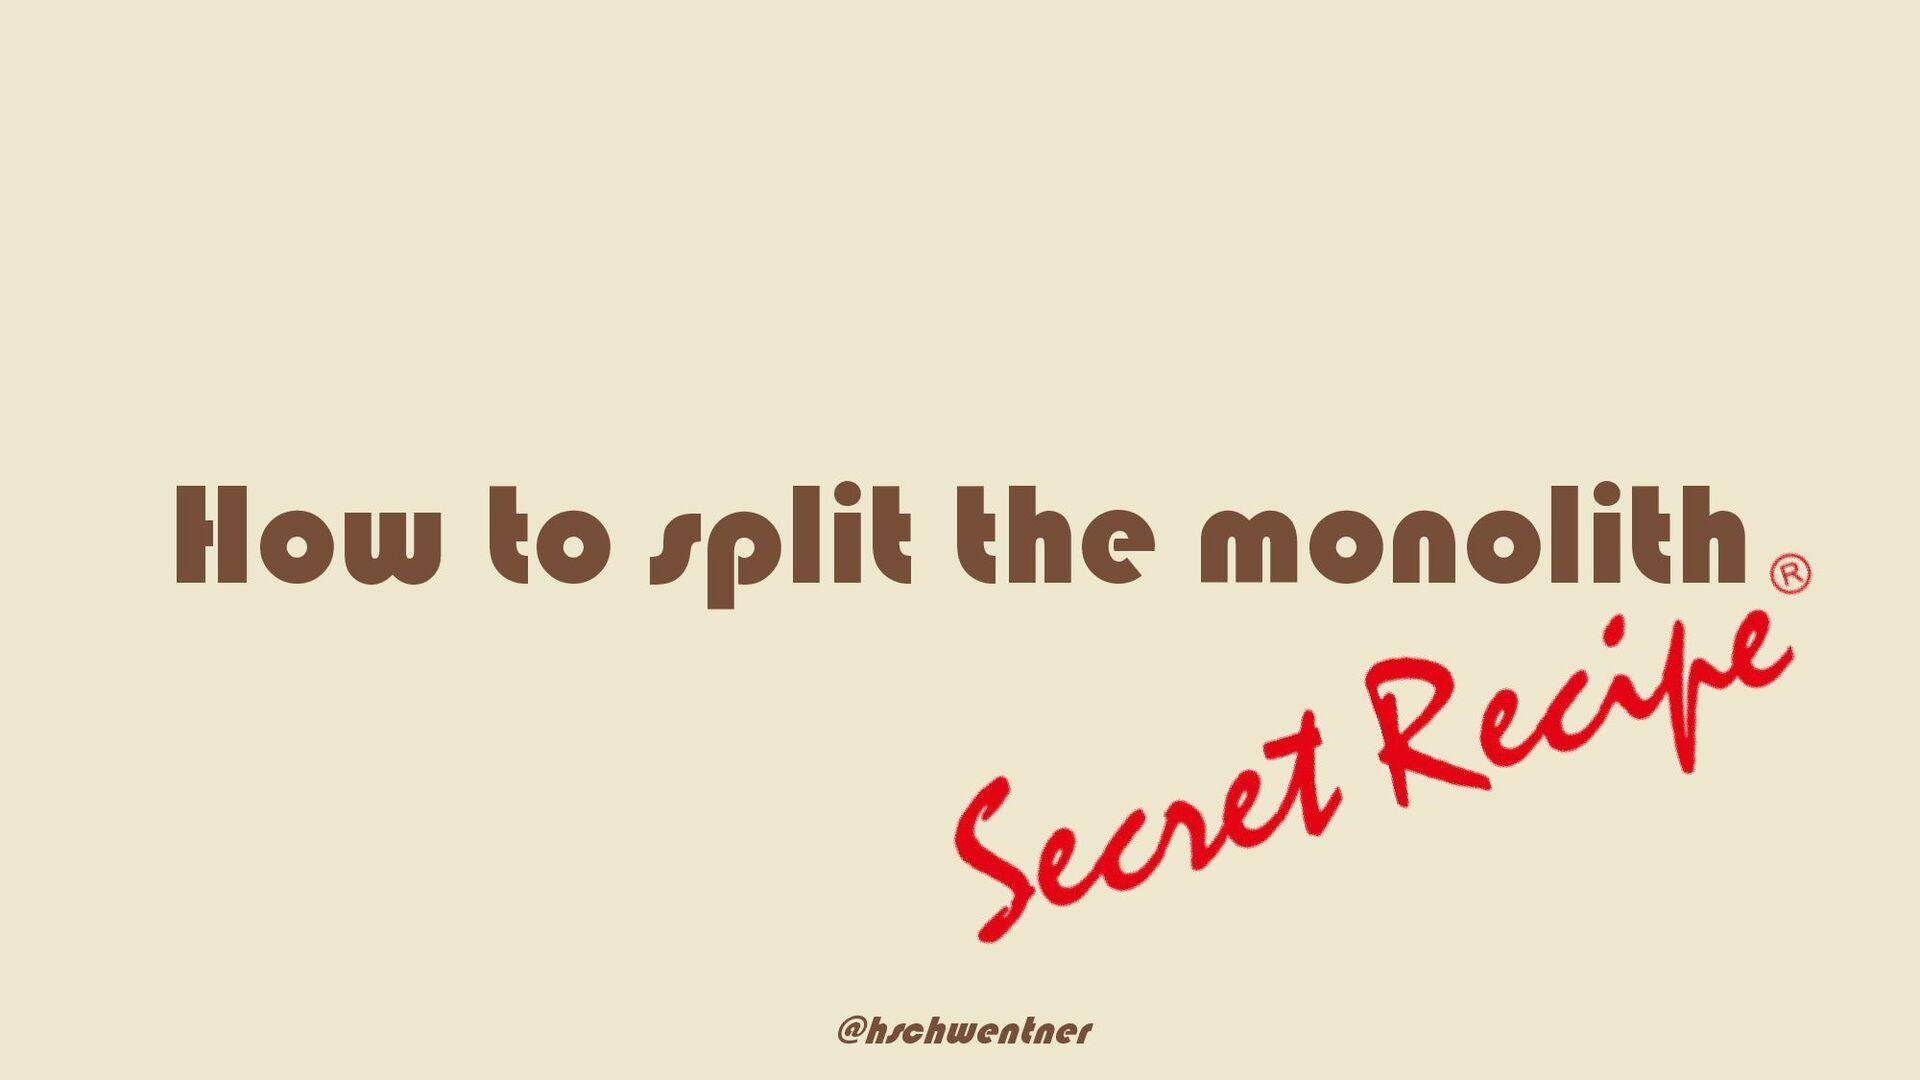 Kauf mich bei Amazon: https://amzn.to/3Emmfs